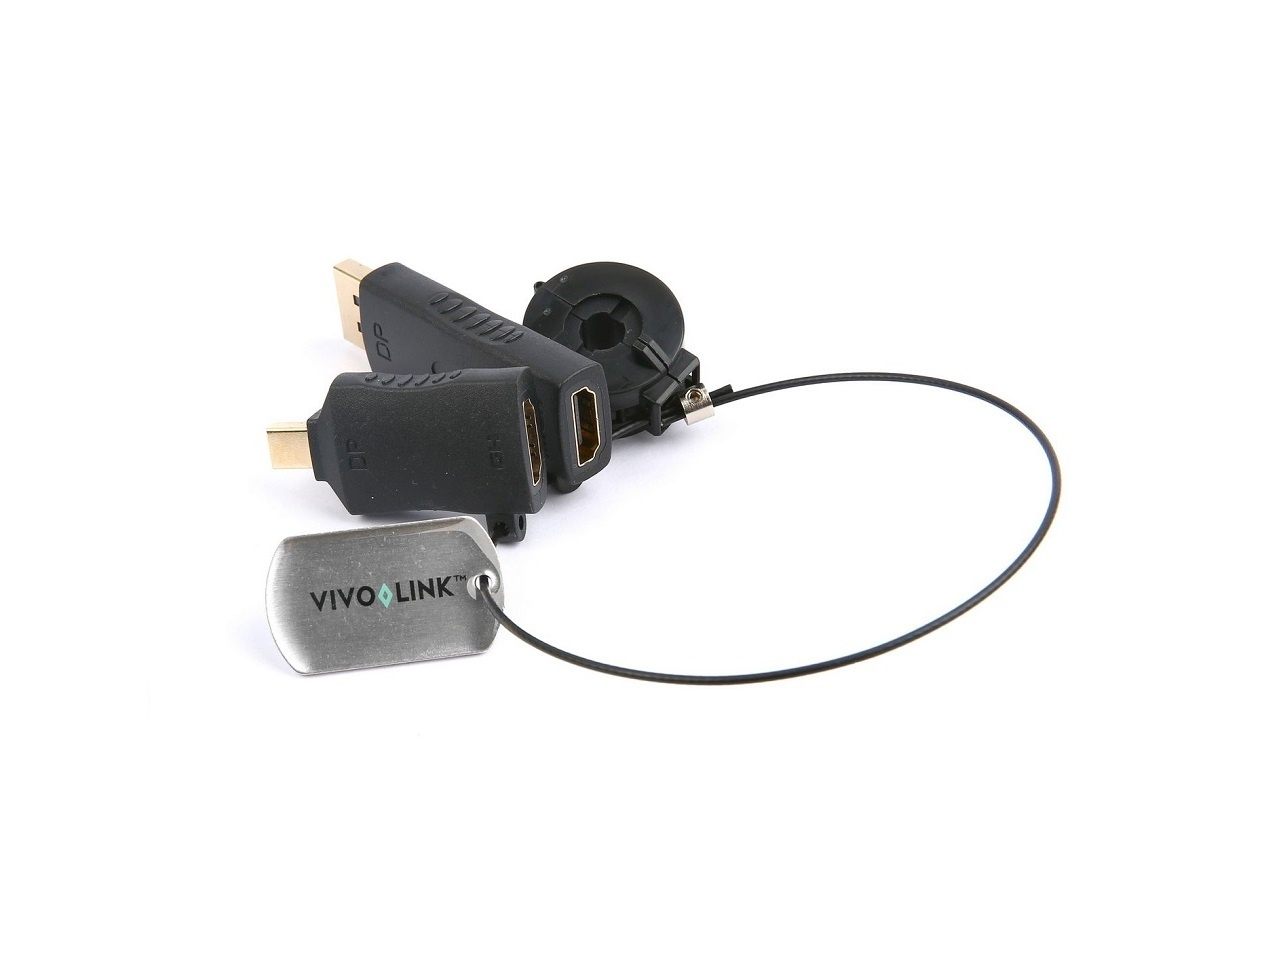 Standard adaptergyűrű 2_ DP, mini DP csatlakozó átalakító